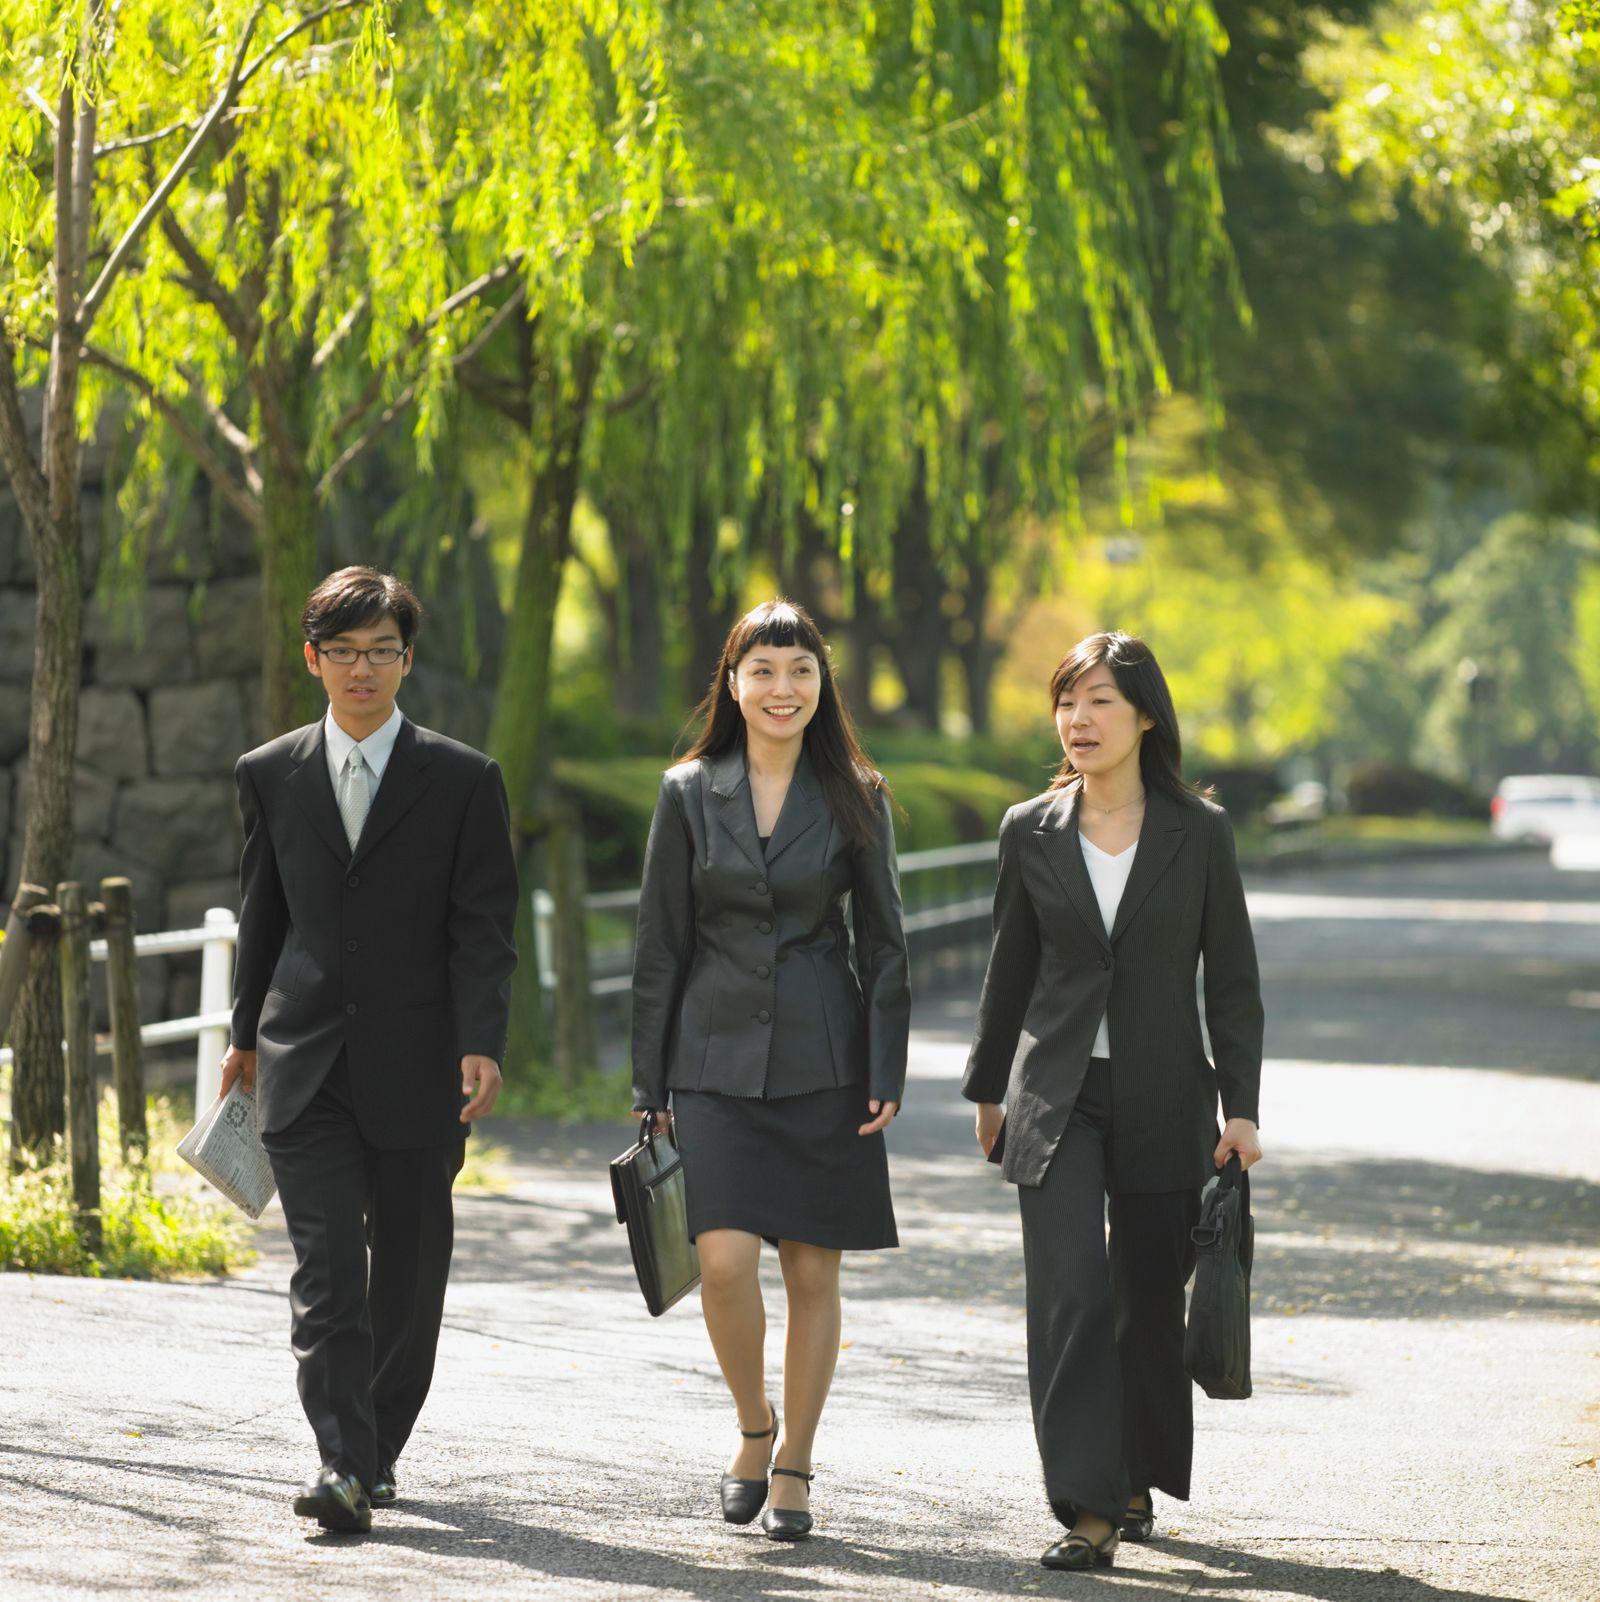 NICHT MEHR VERWENDEN! - Japan / Businessfrauen / Geschäftsfrauen